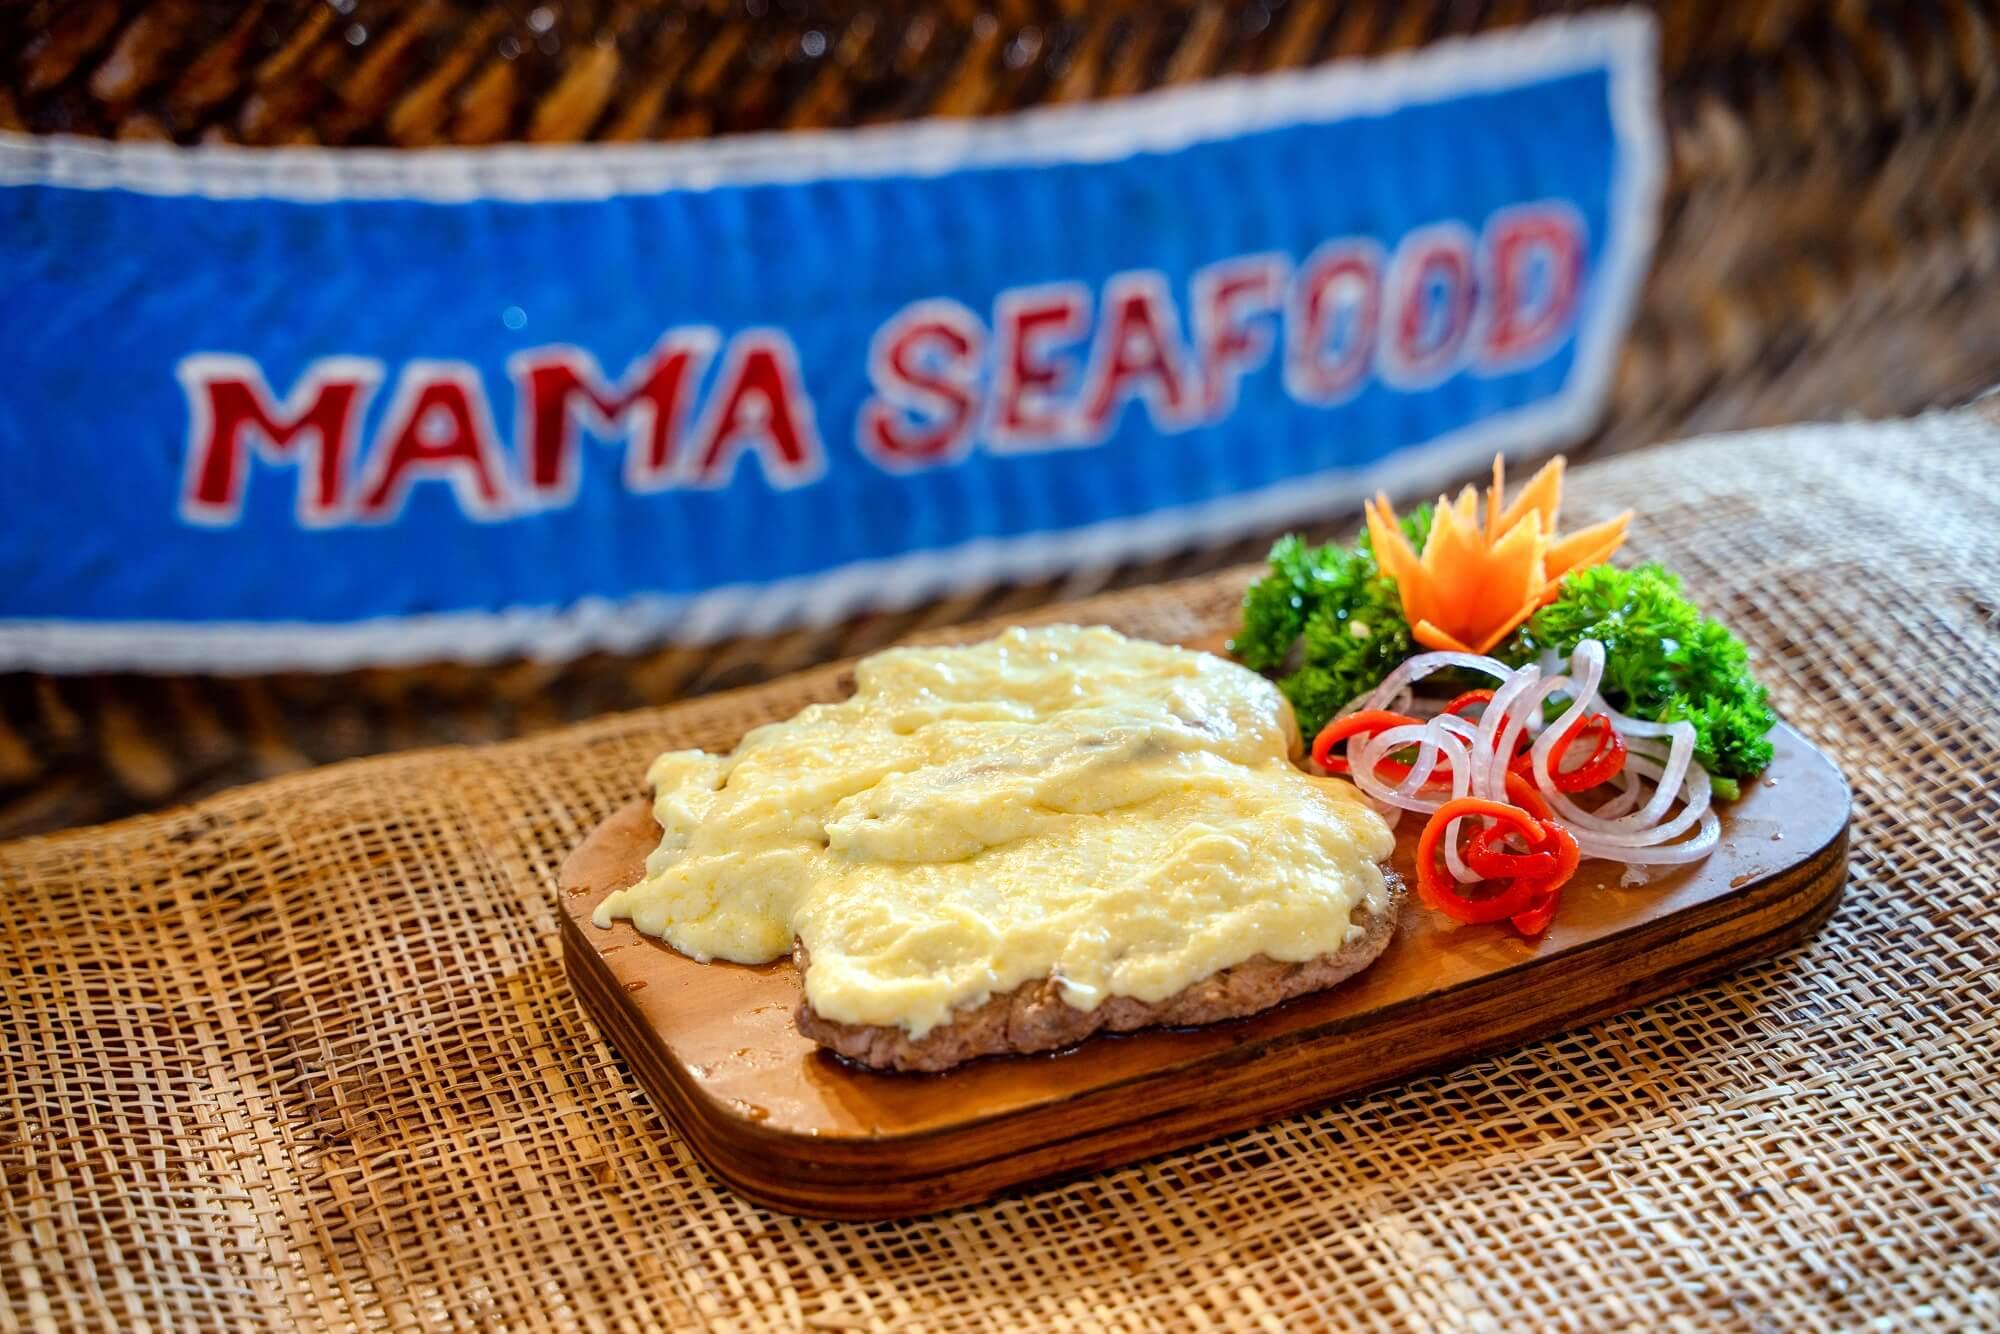 Quan An Hai San Mamaseafood Mon Ngon Tu Bien Ca Va Tinh Me Lo 19a Vo Van Kiet Danang Fantasticity Com 0782000019 020